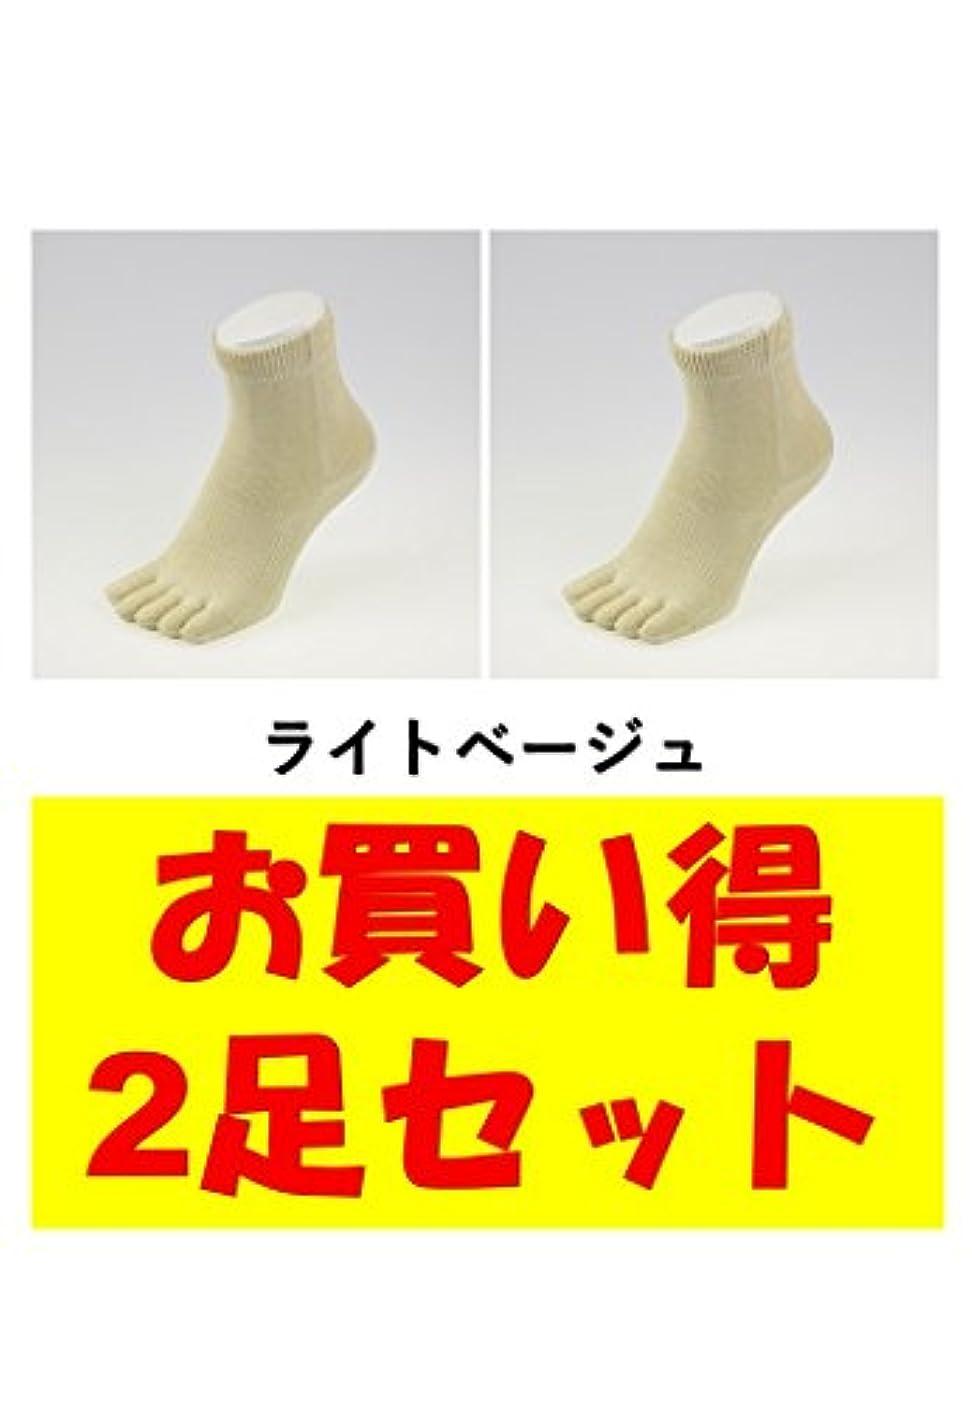 伝染病トーク乱気流お買い得2足セット 5本指 ゆびのばソックス Neo EVE(イヴ) ライトベージュ Sサイズ(21.0cm - 24.0cm) YSNEVE-BGE